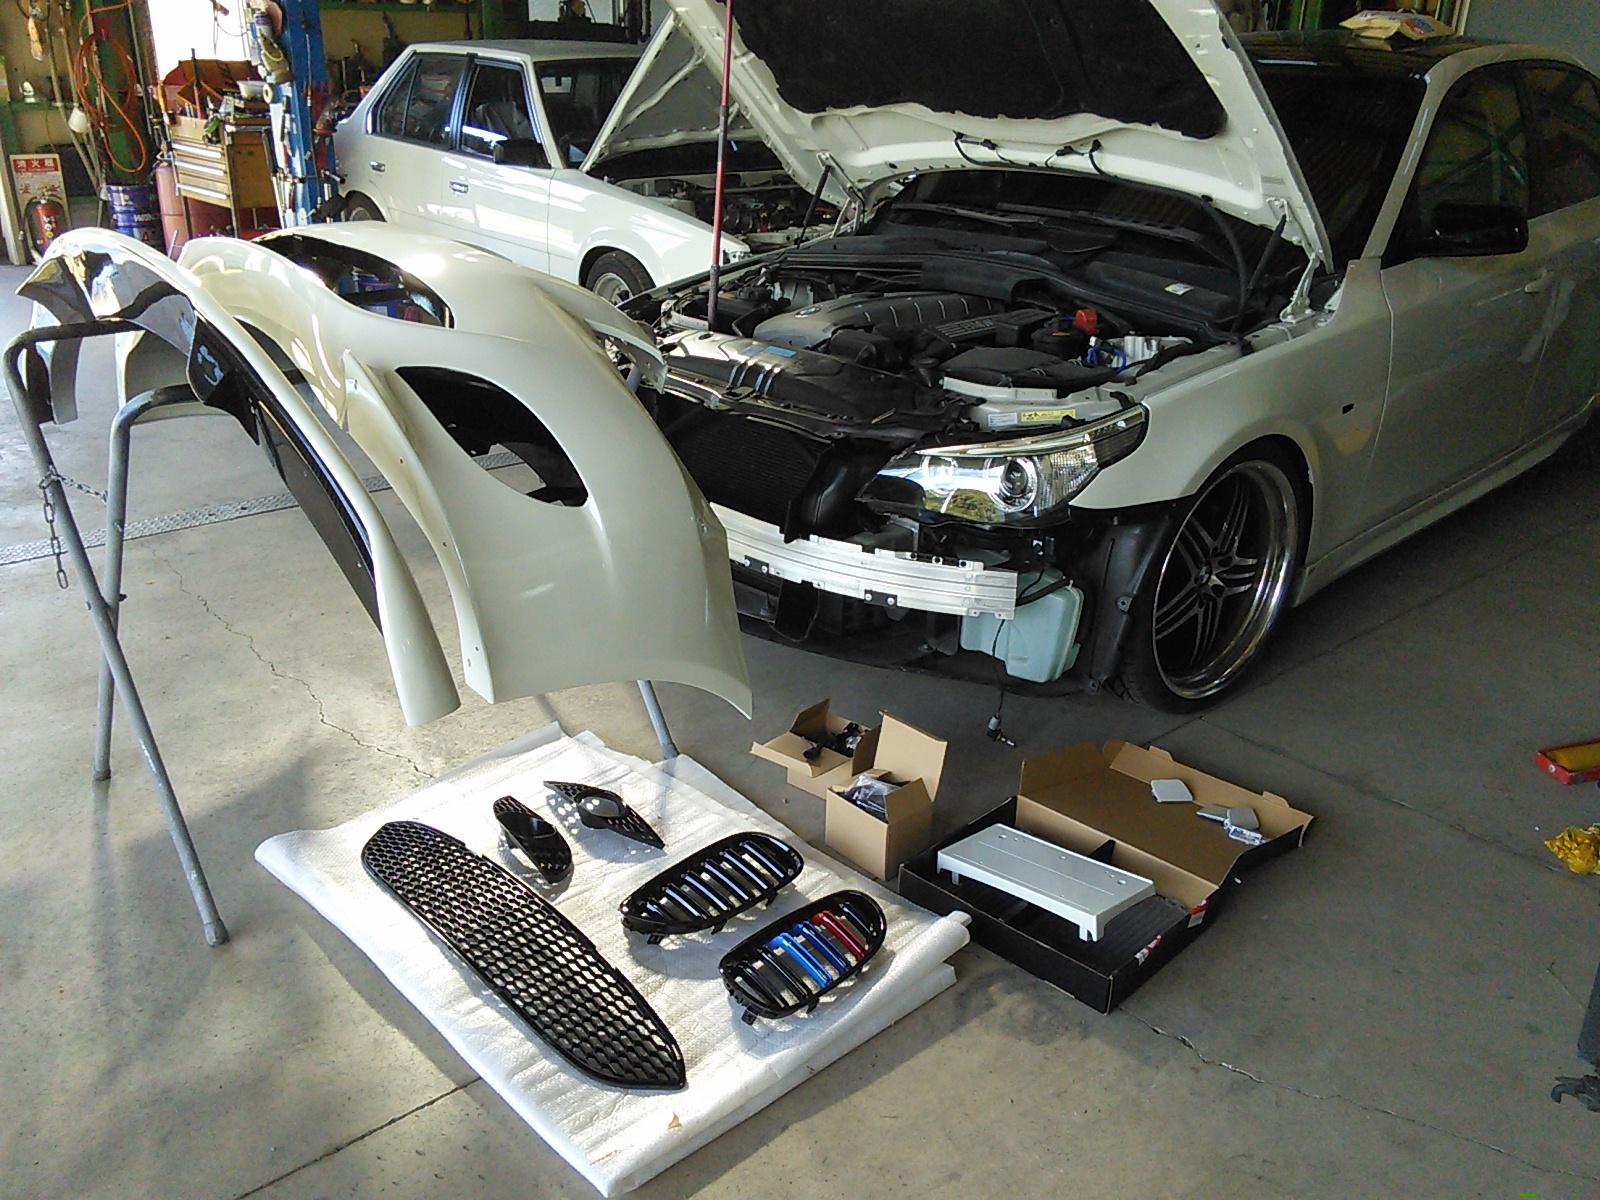 BMW 5シリーズ 事故修理 ドレスアップ完成編  豊田市 板金塗装